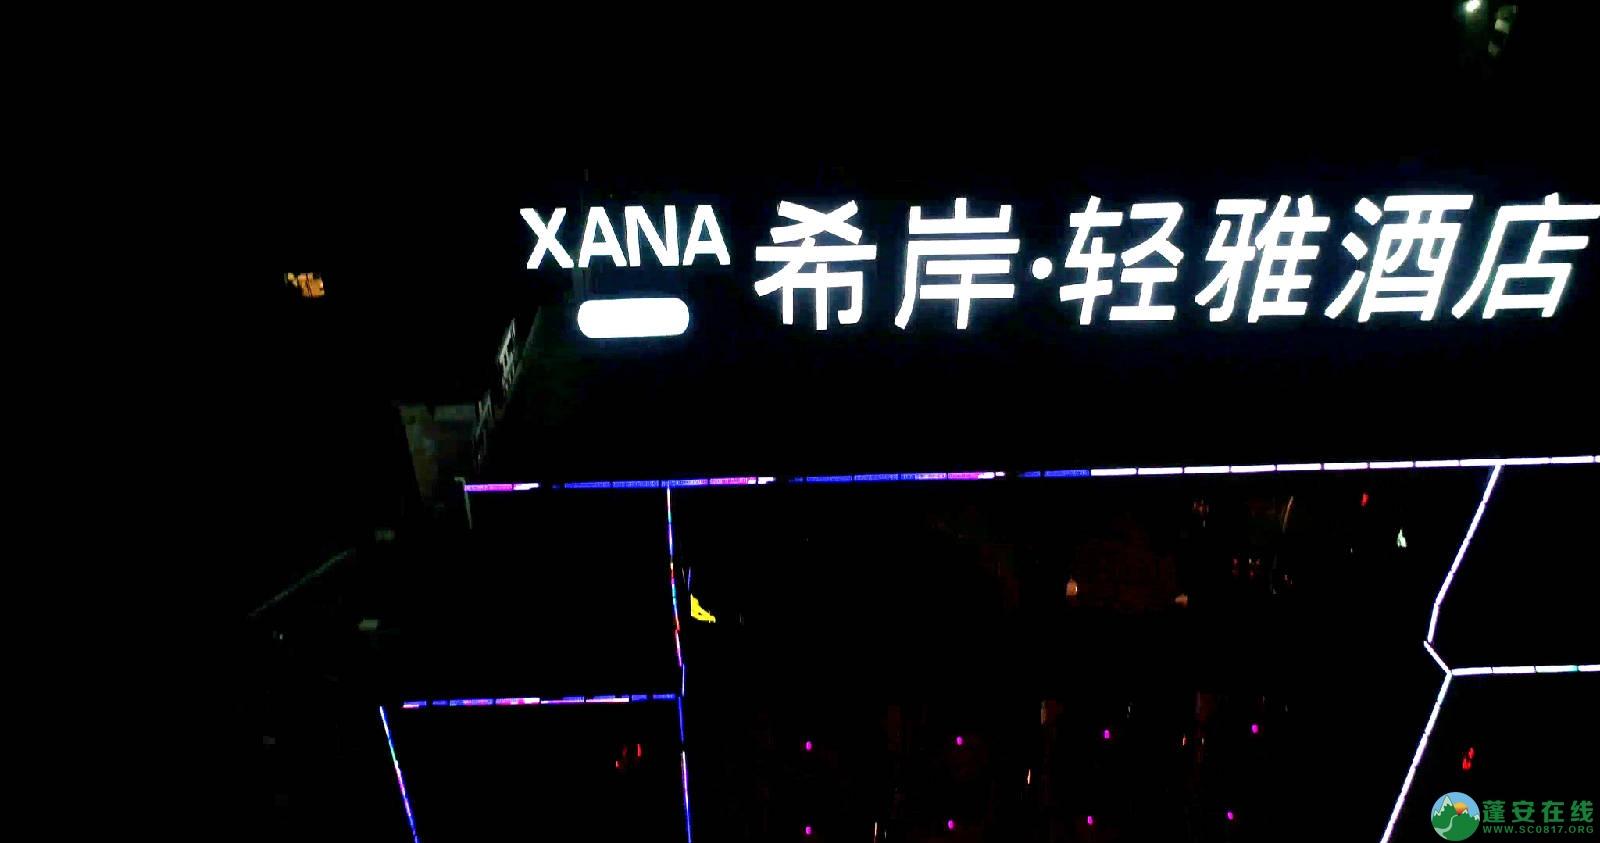 临近春节的蓬安夜色 - 第13张  | 蓬安在线